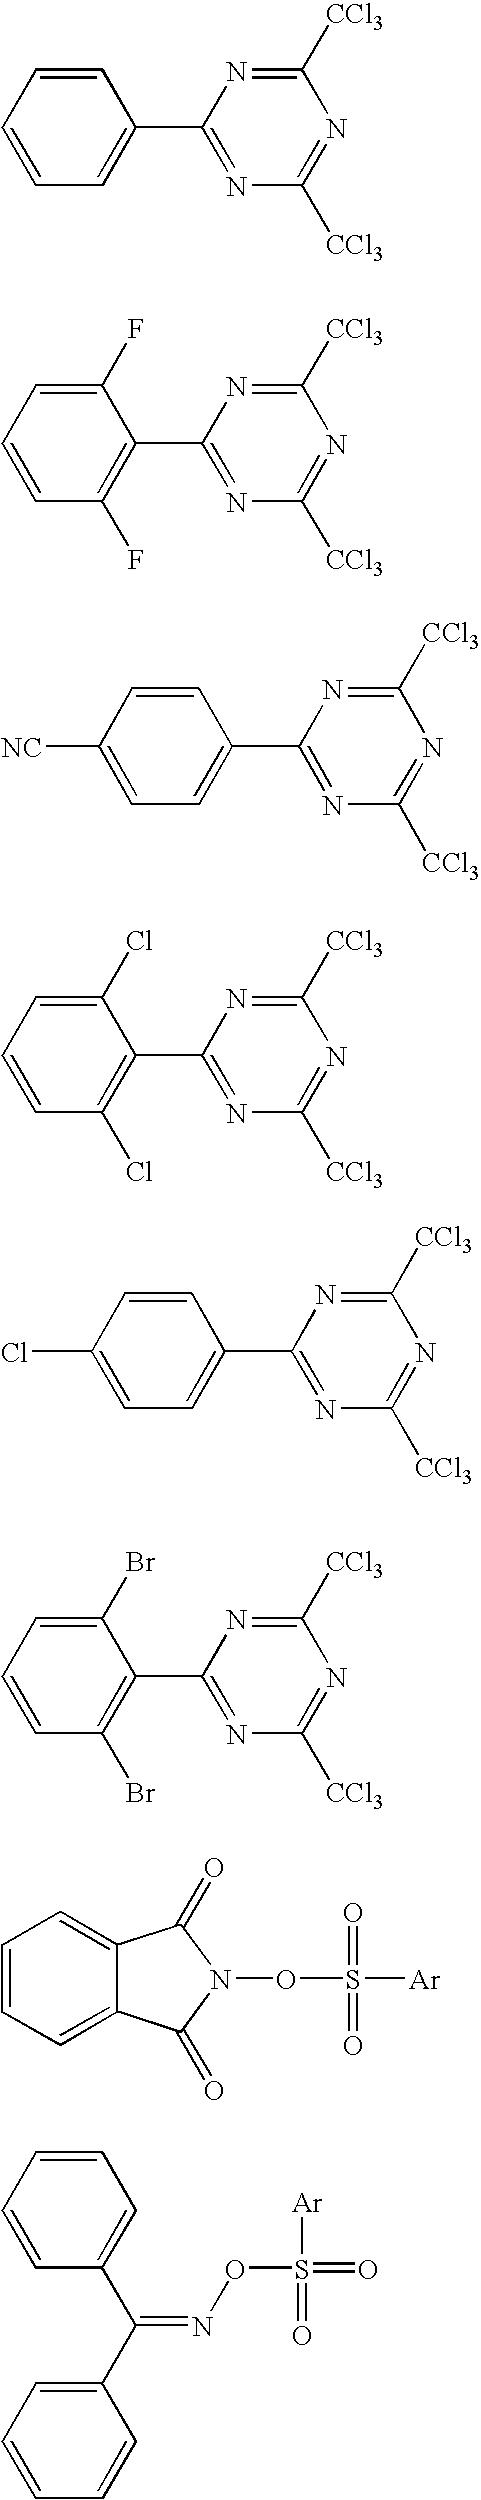 Figure US07992989-20110809-C00007